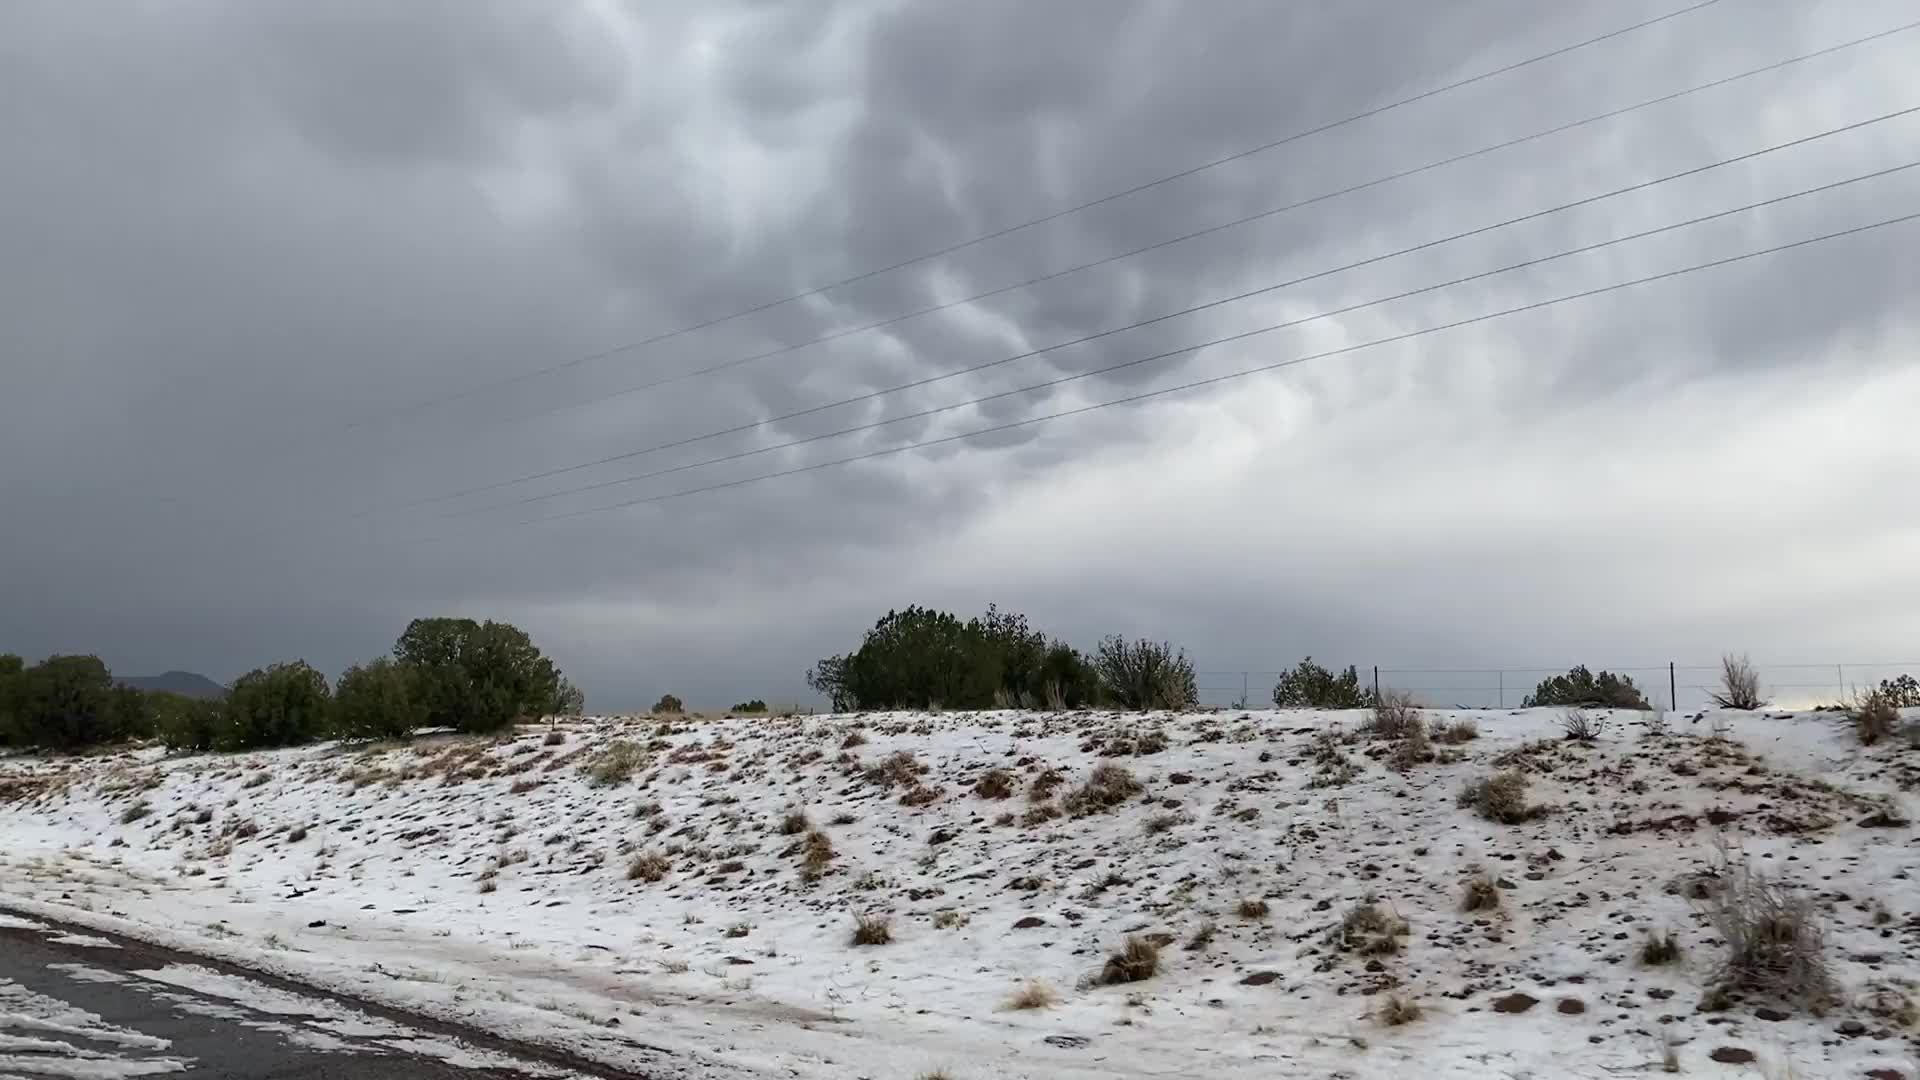 Hail fall near I-25 and Santo Domingo